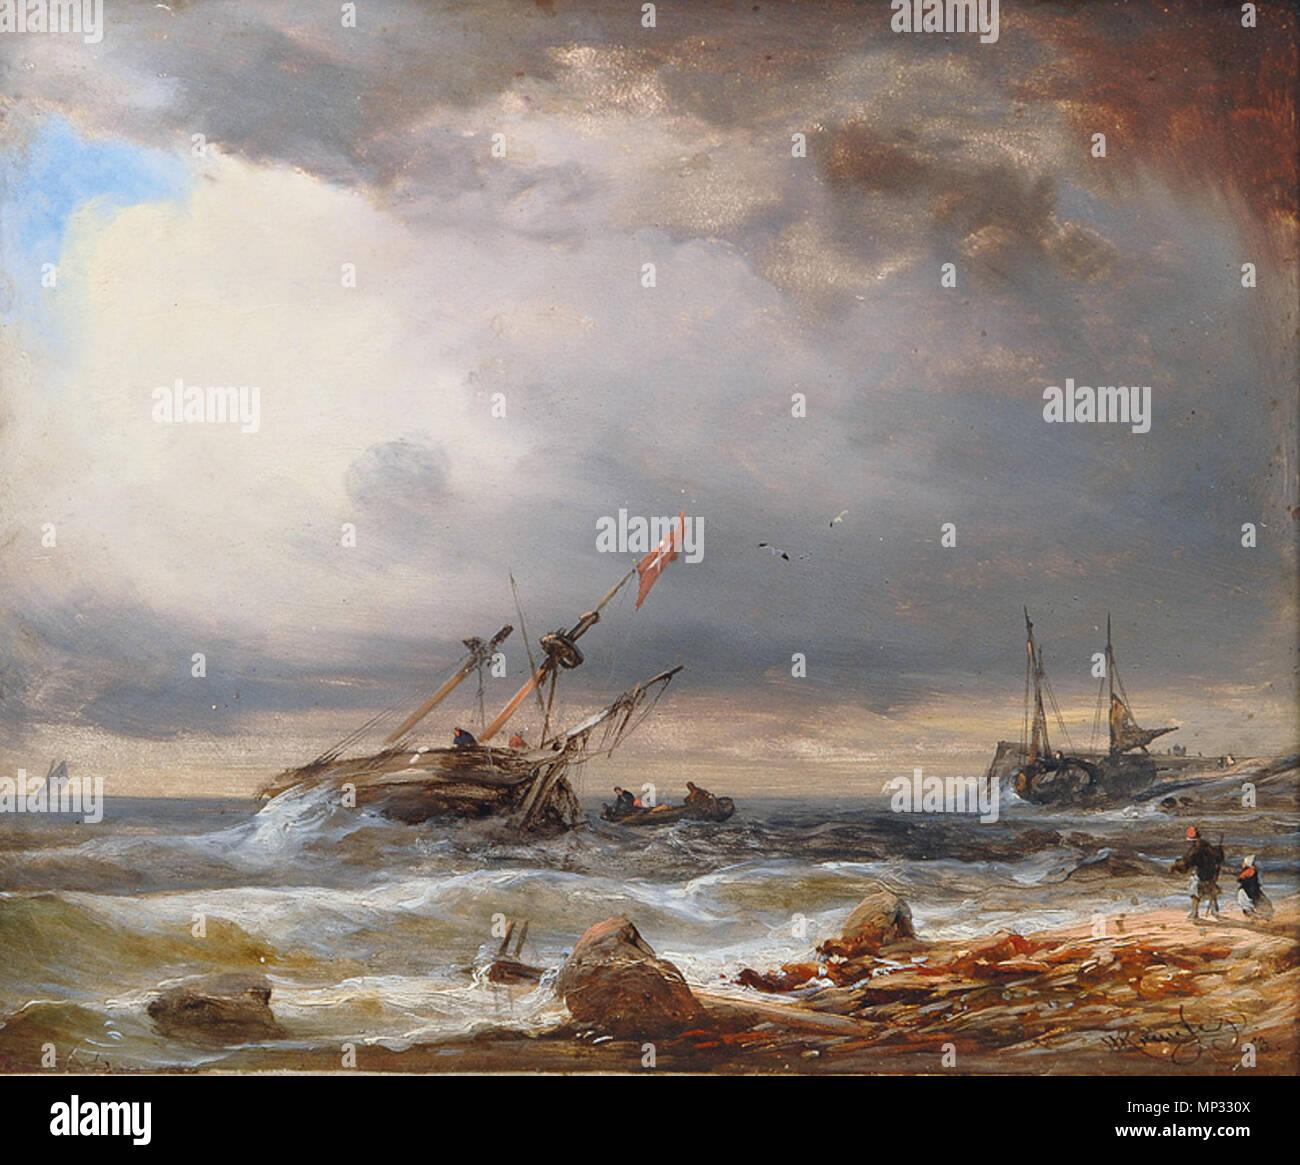 1259 Wilhelm Krause - Dänischer Zweimaster vor kleinem Hafen - Stock Image